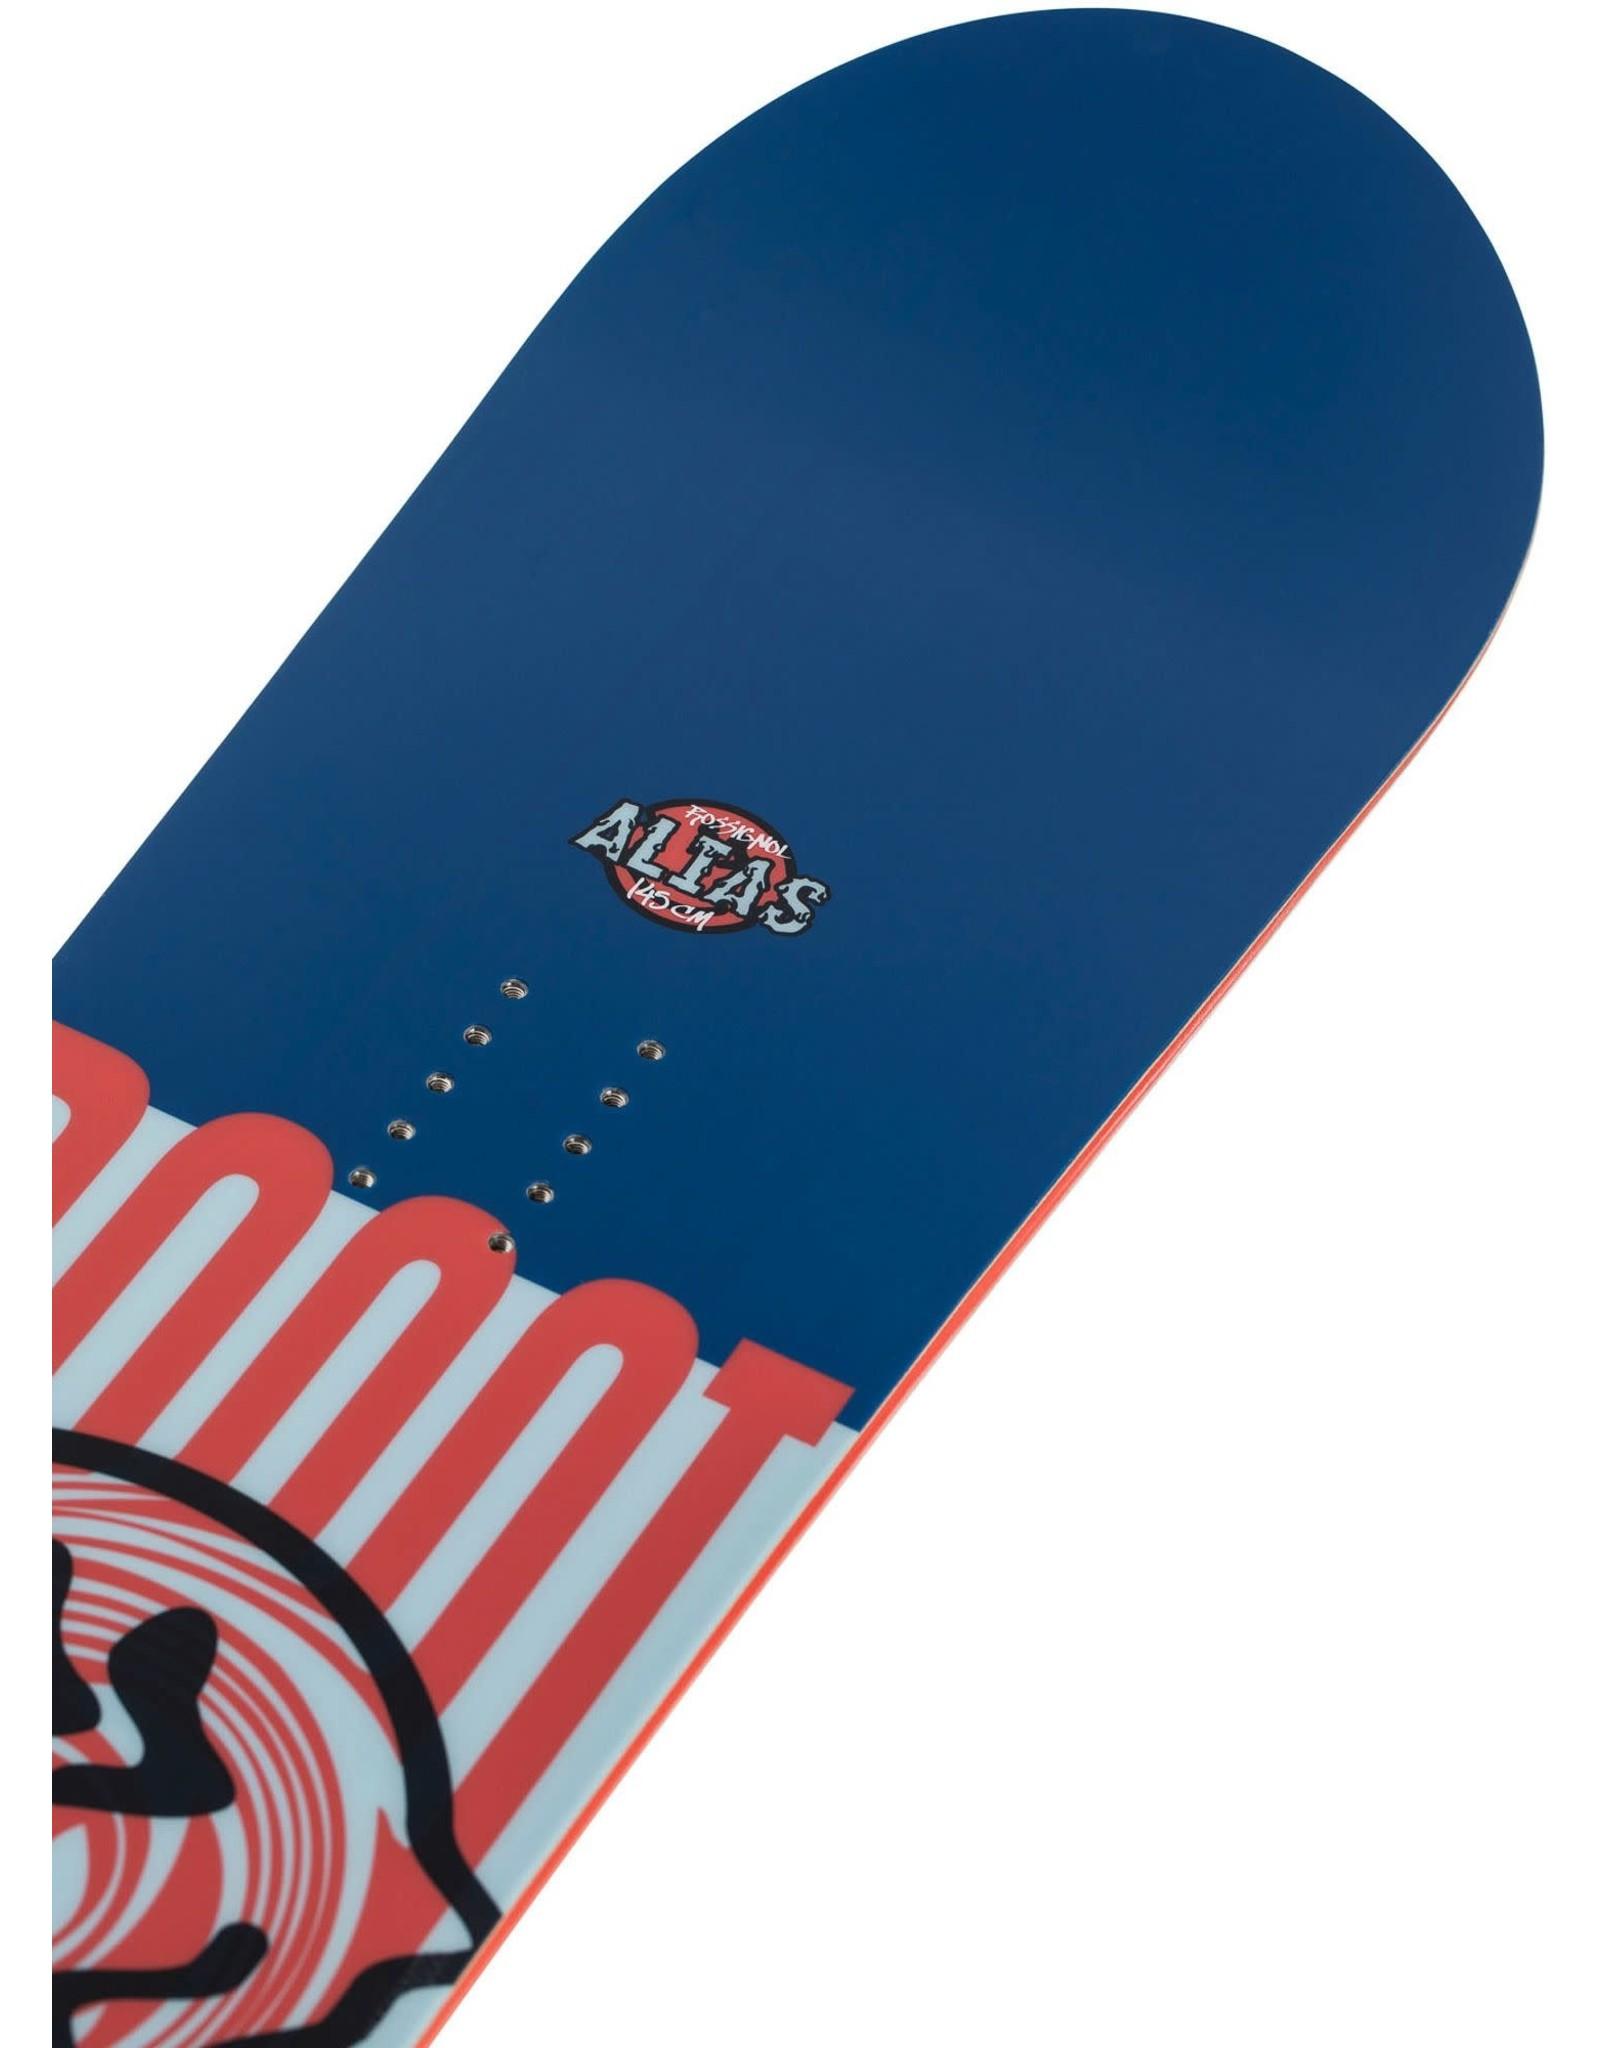 ROSSIGNOL Rossignol ALIAS junior snowboard 22